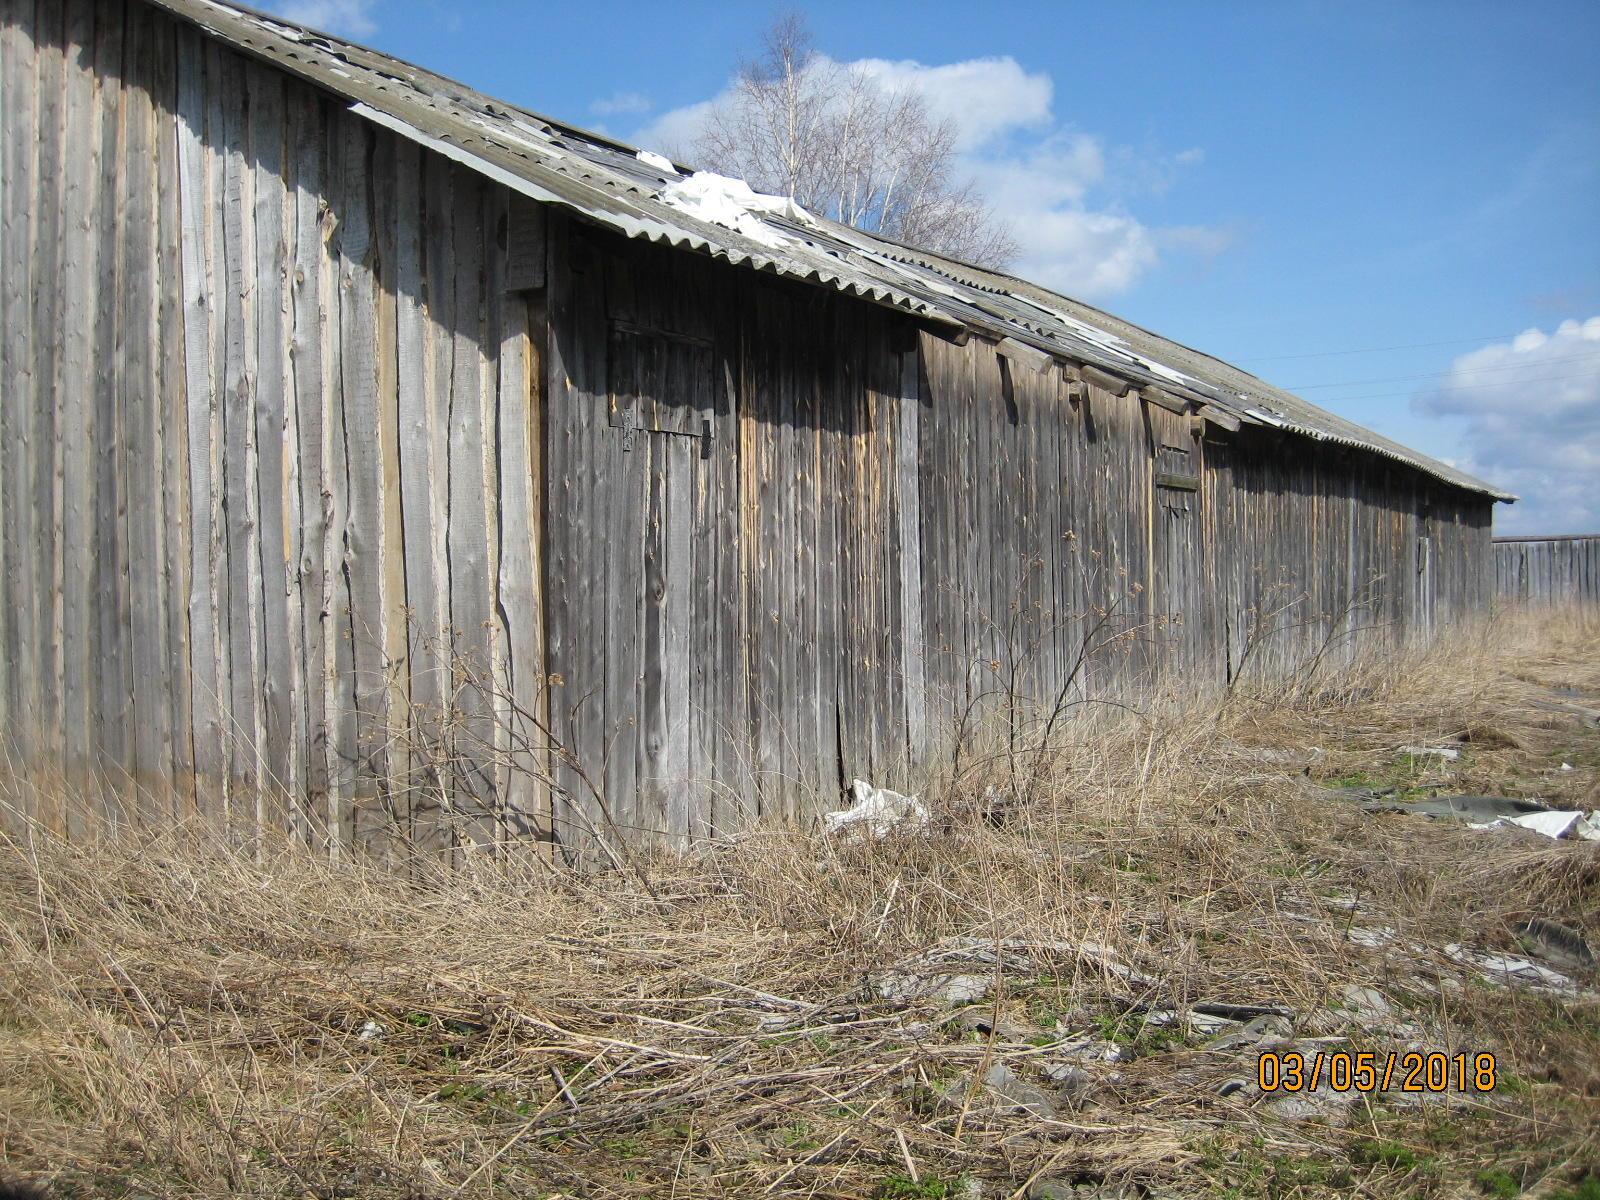 демонтируем старые деревянные постройки под снос именно нужна доска самовывоз демонтаж бесплатный звоните 8-953-574-11-21.